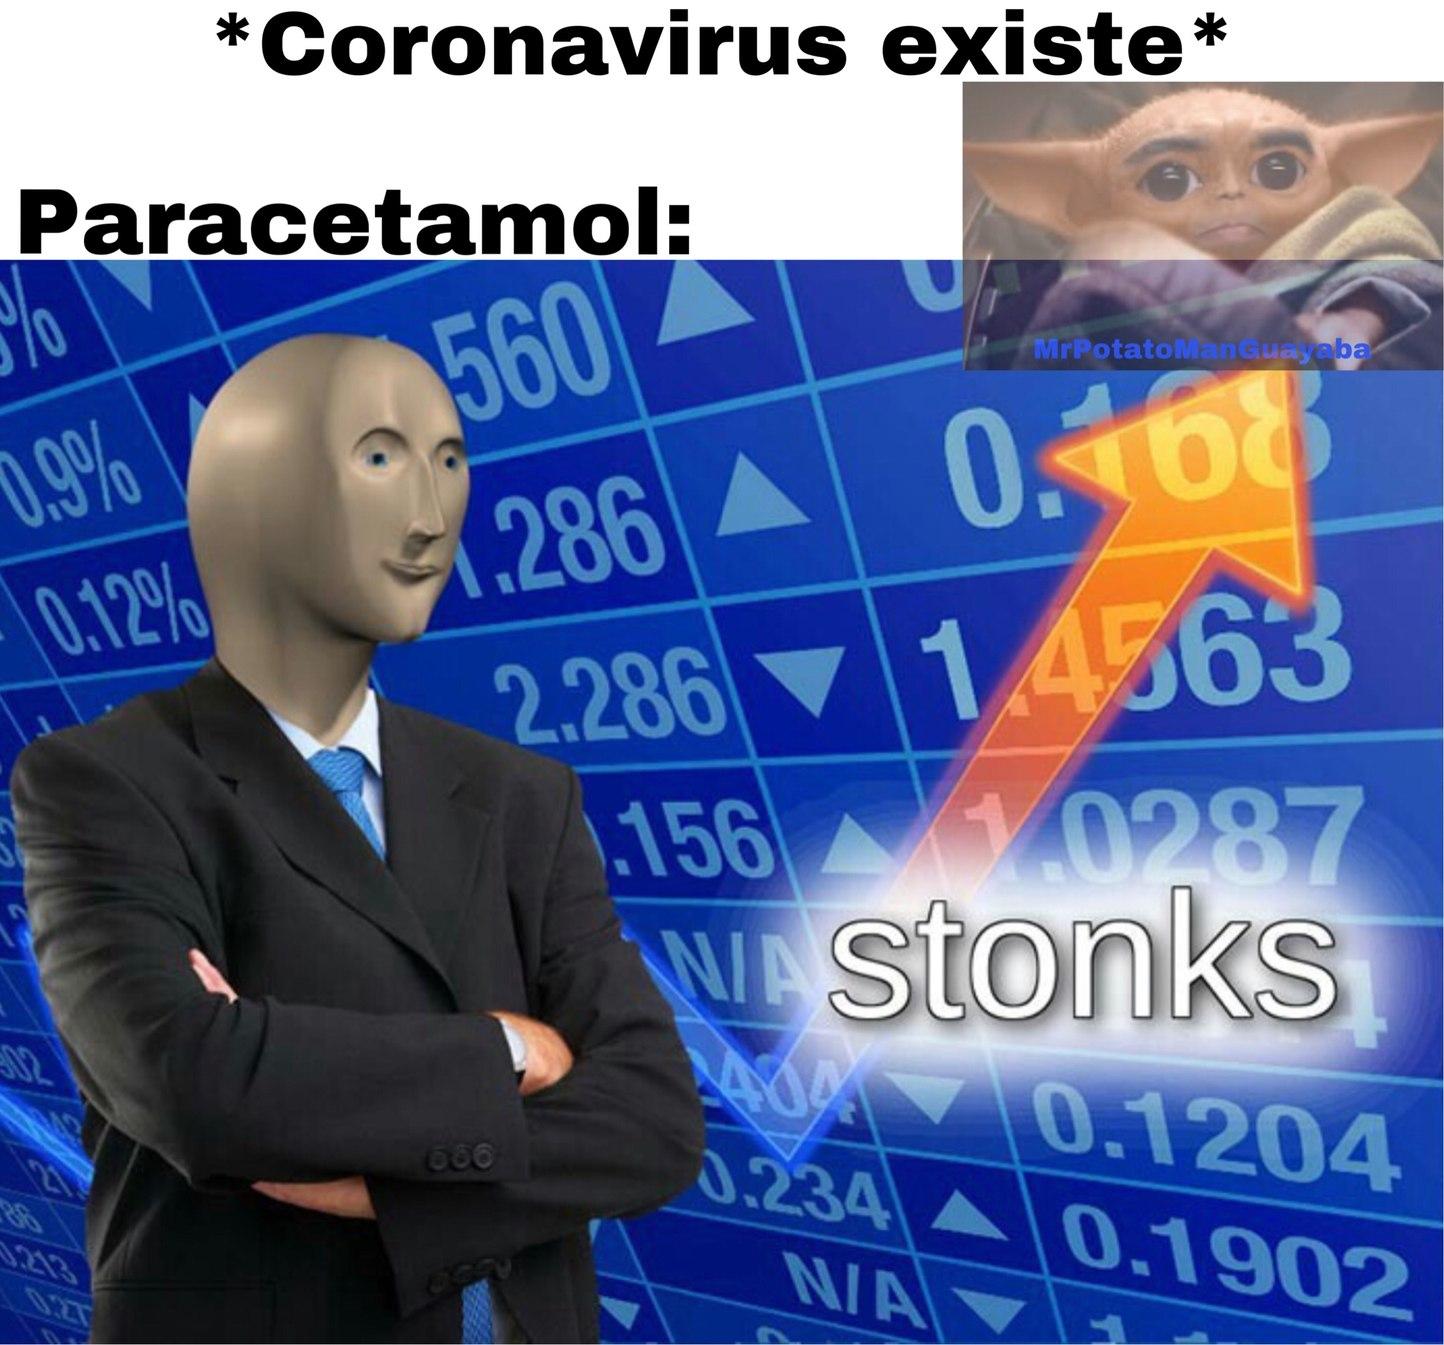 paracetamol: cura contra Coronavirus - meme